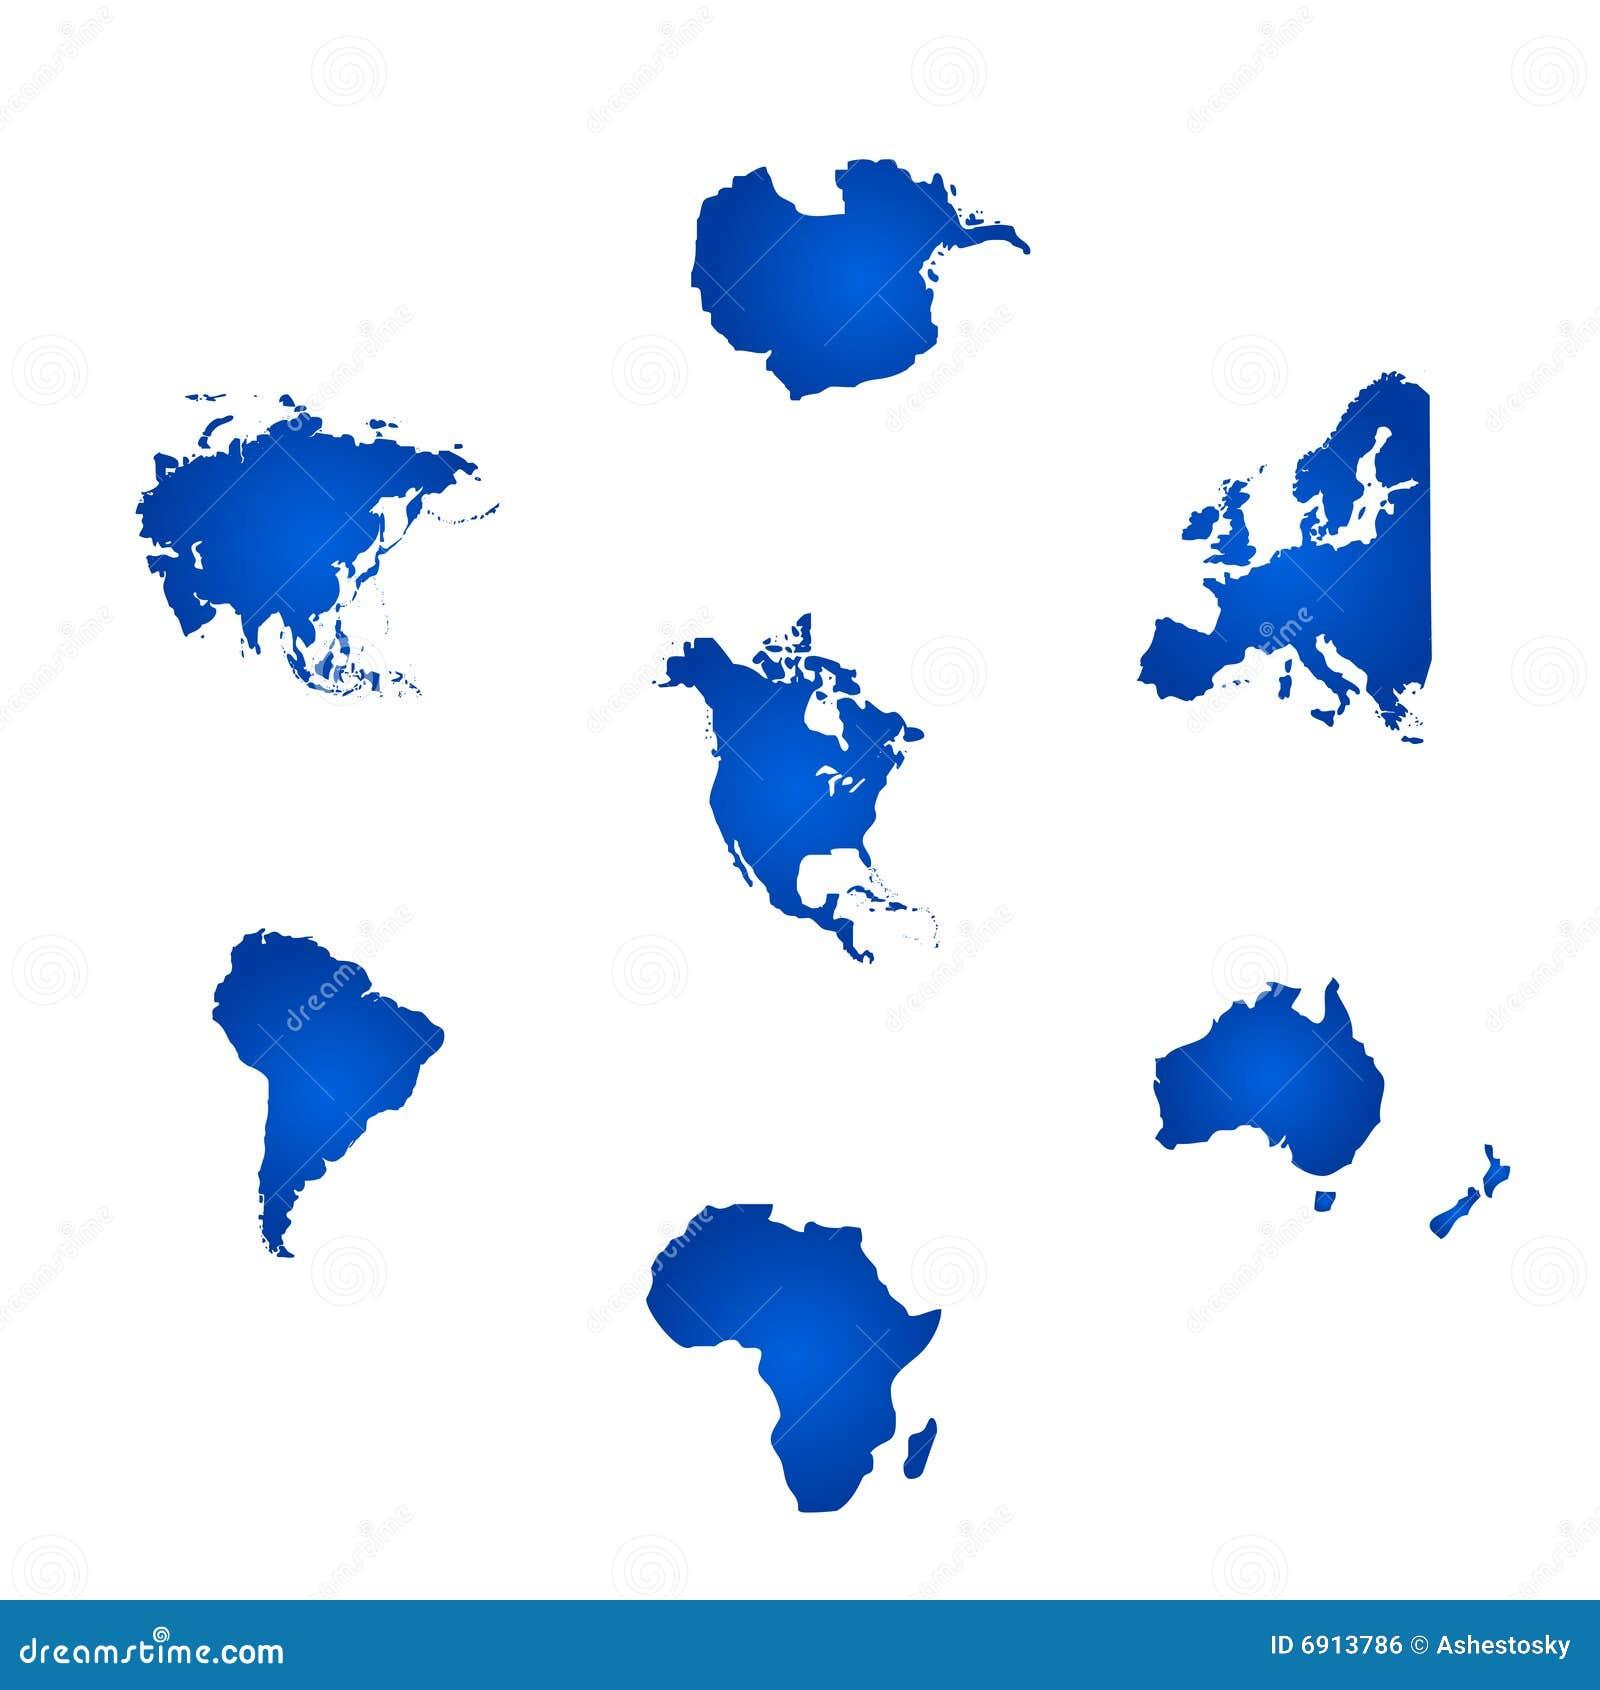 All värld för kontinentar sex